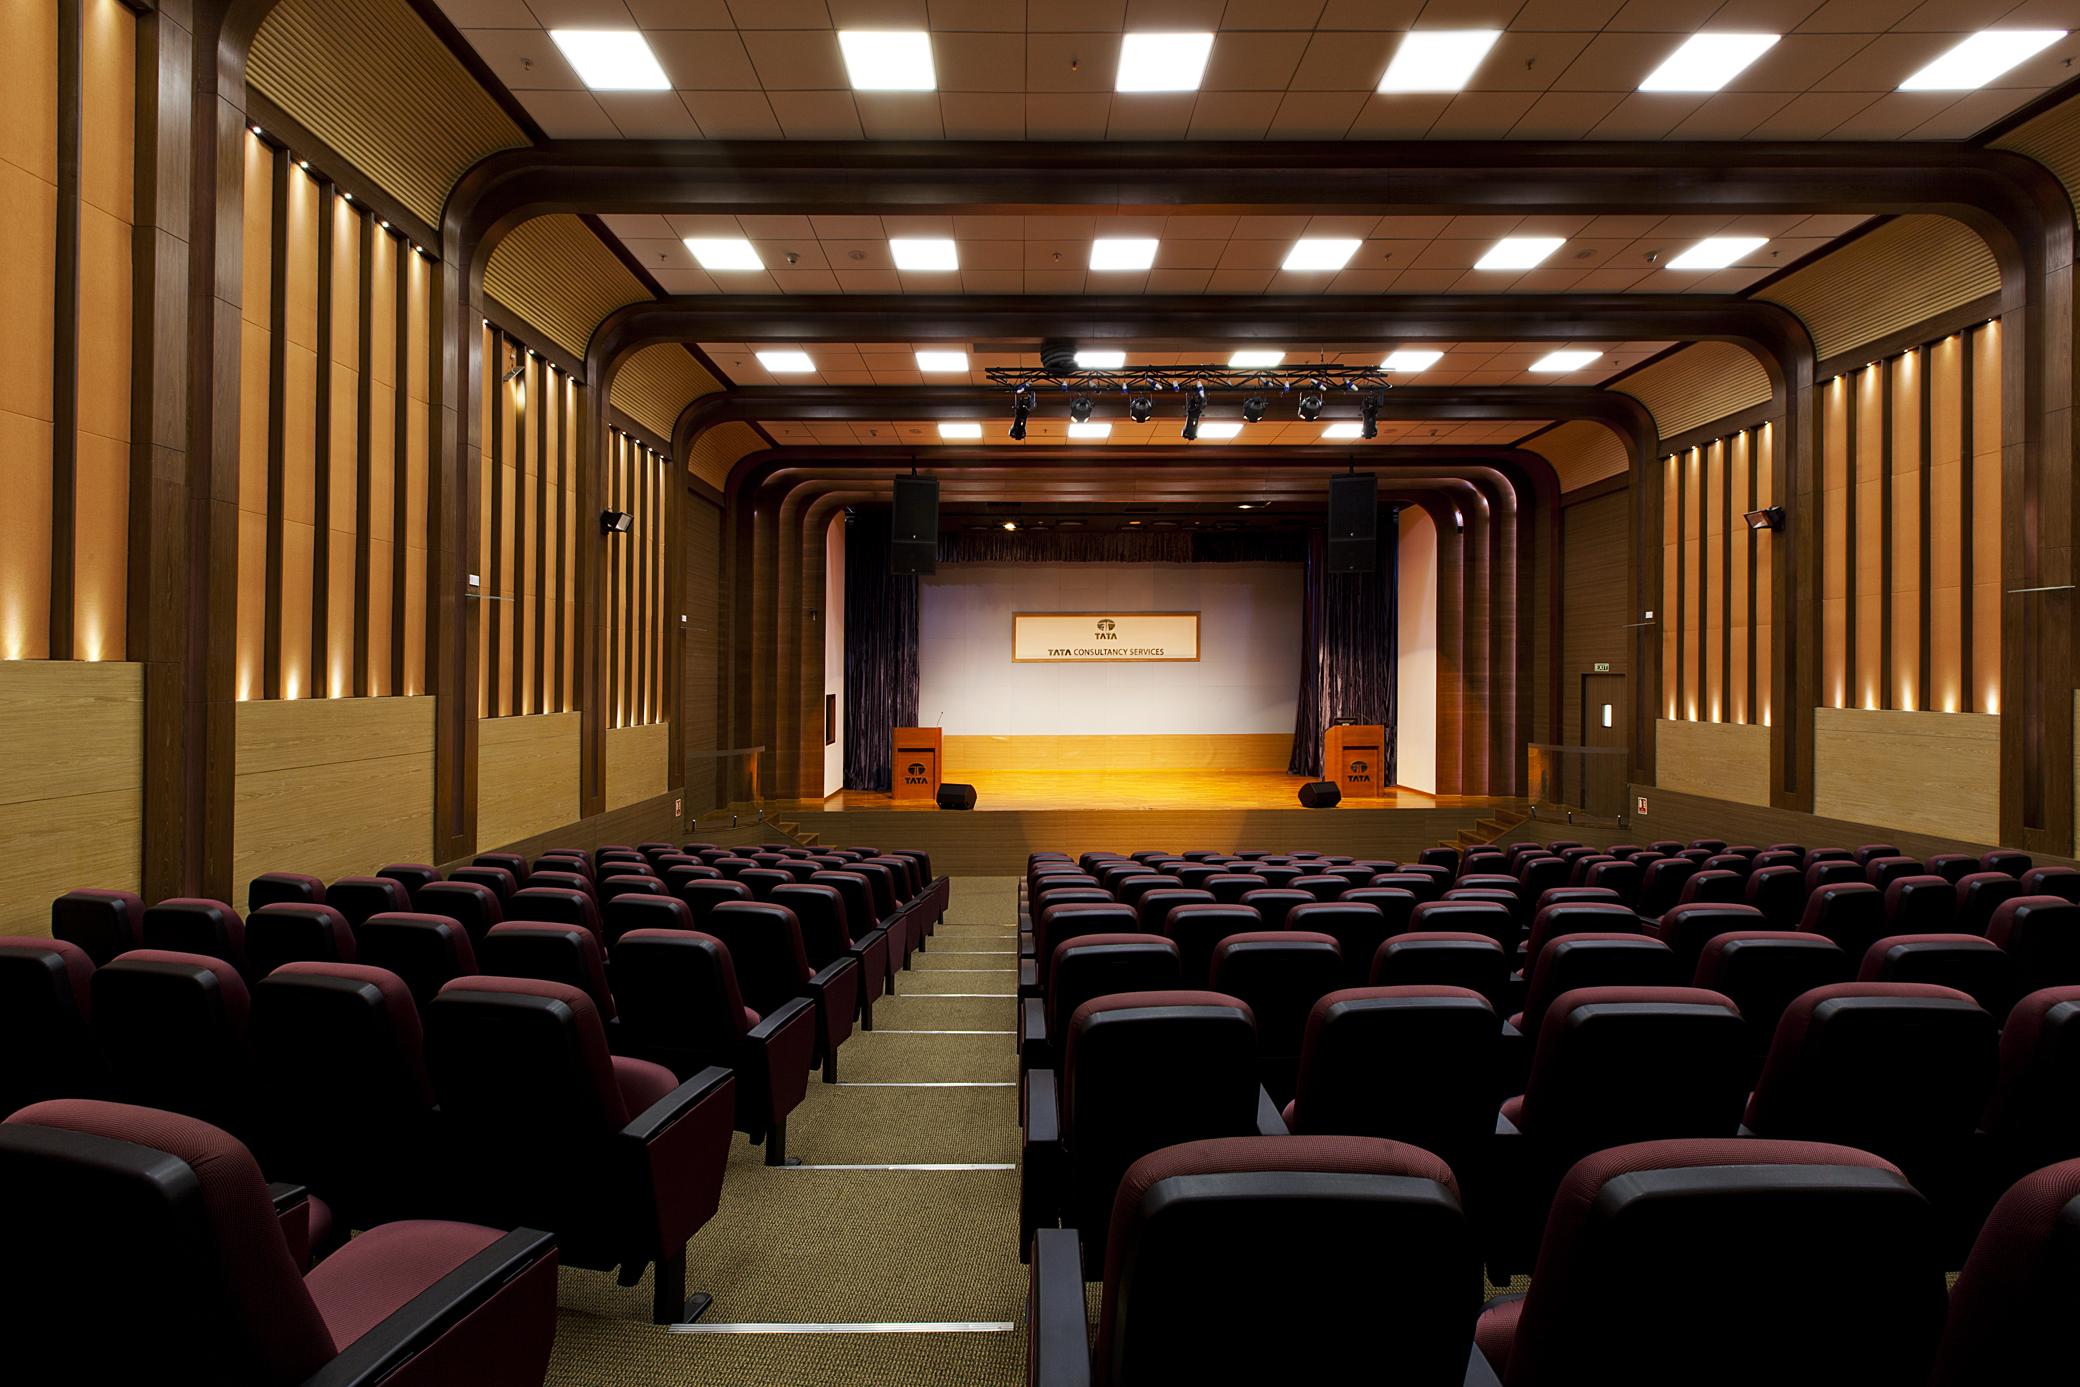 TCS Auditorium